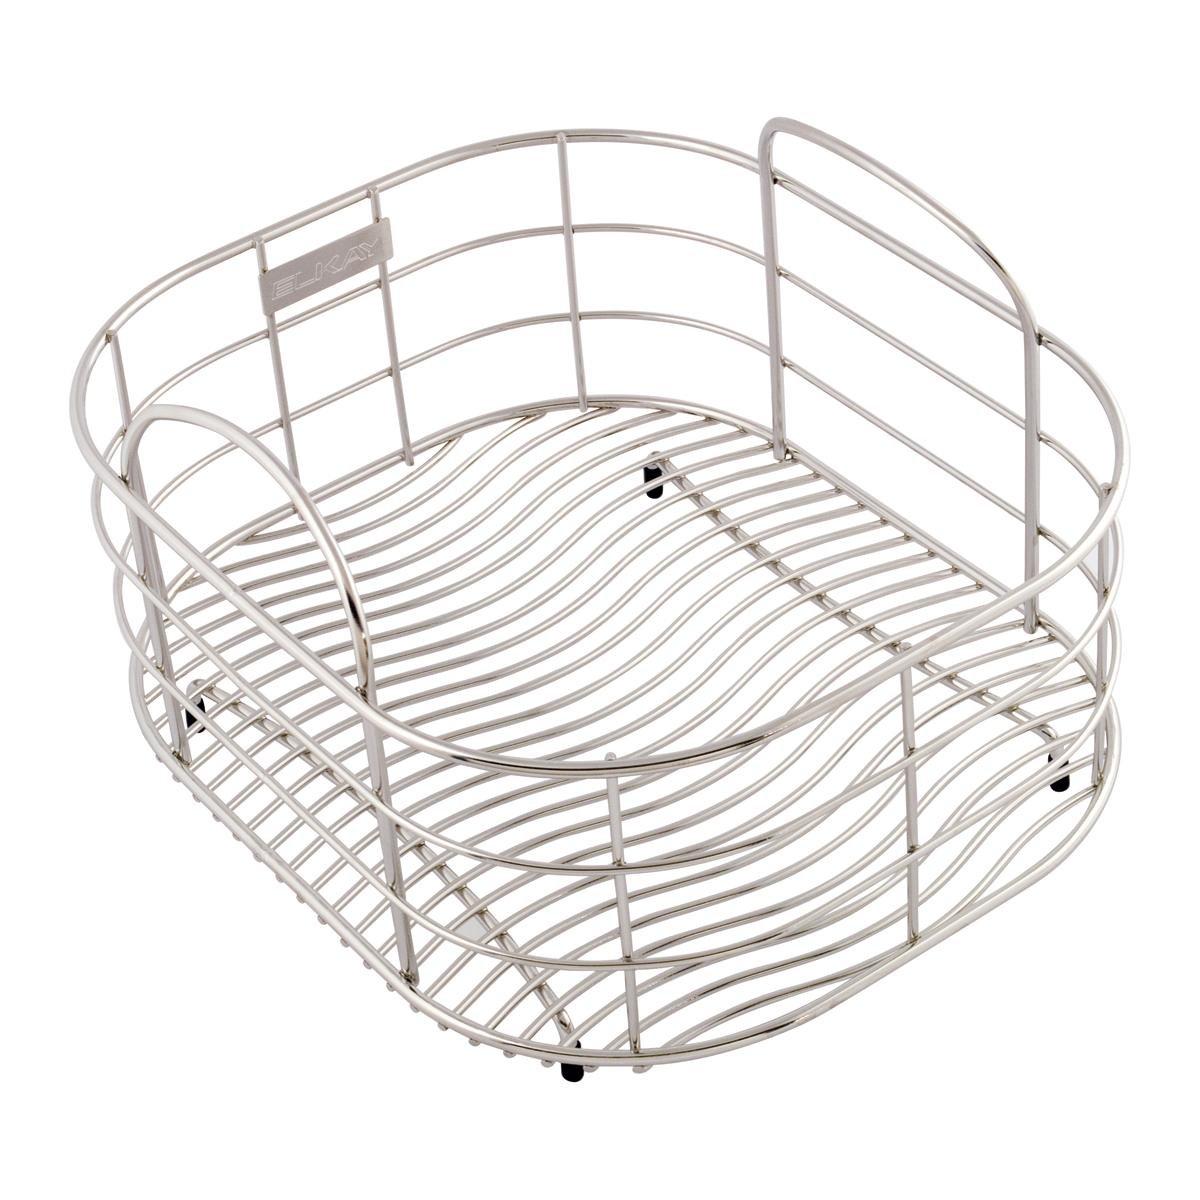 Elkay LKWRB1113SS Stainless Steel Rinsing Basket